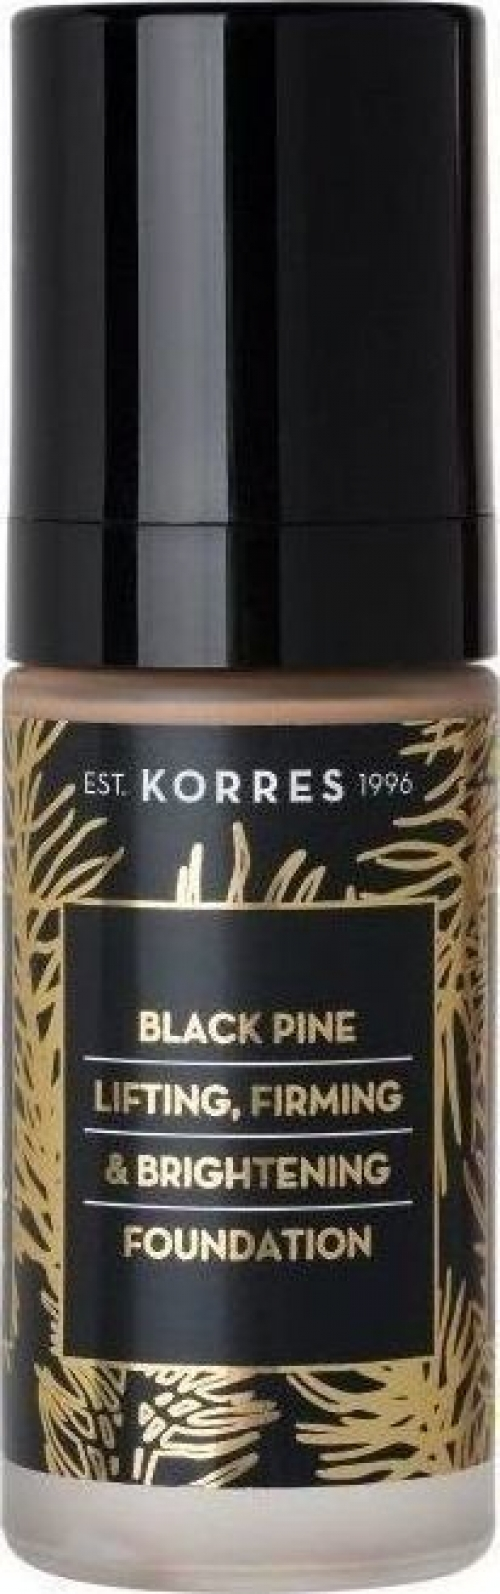 Μαύρη Πεύκη Υγρό make- up Black Pine Lifting, Firming & Brightening Foundation BPF1 30ml